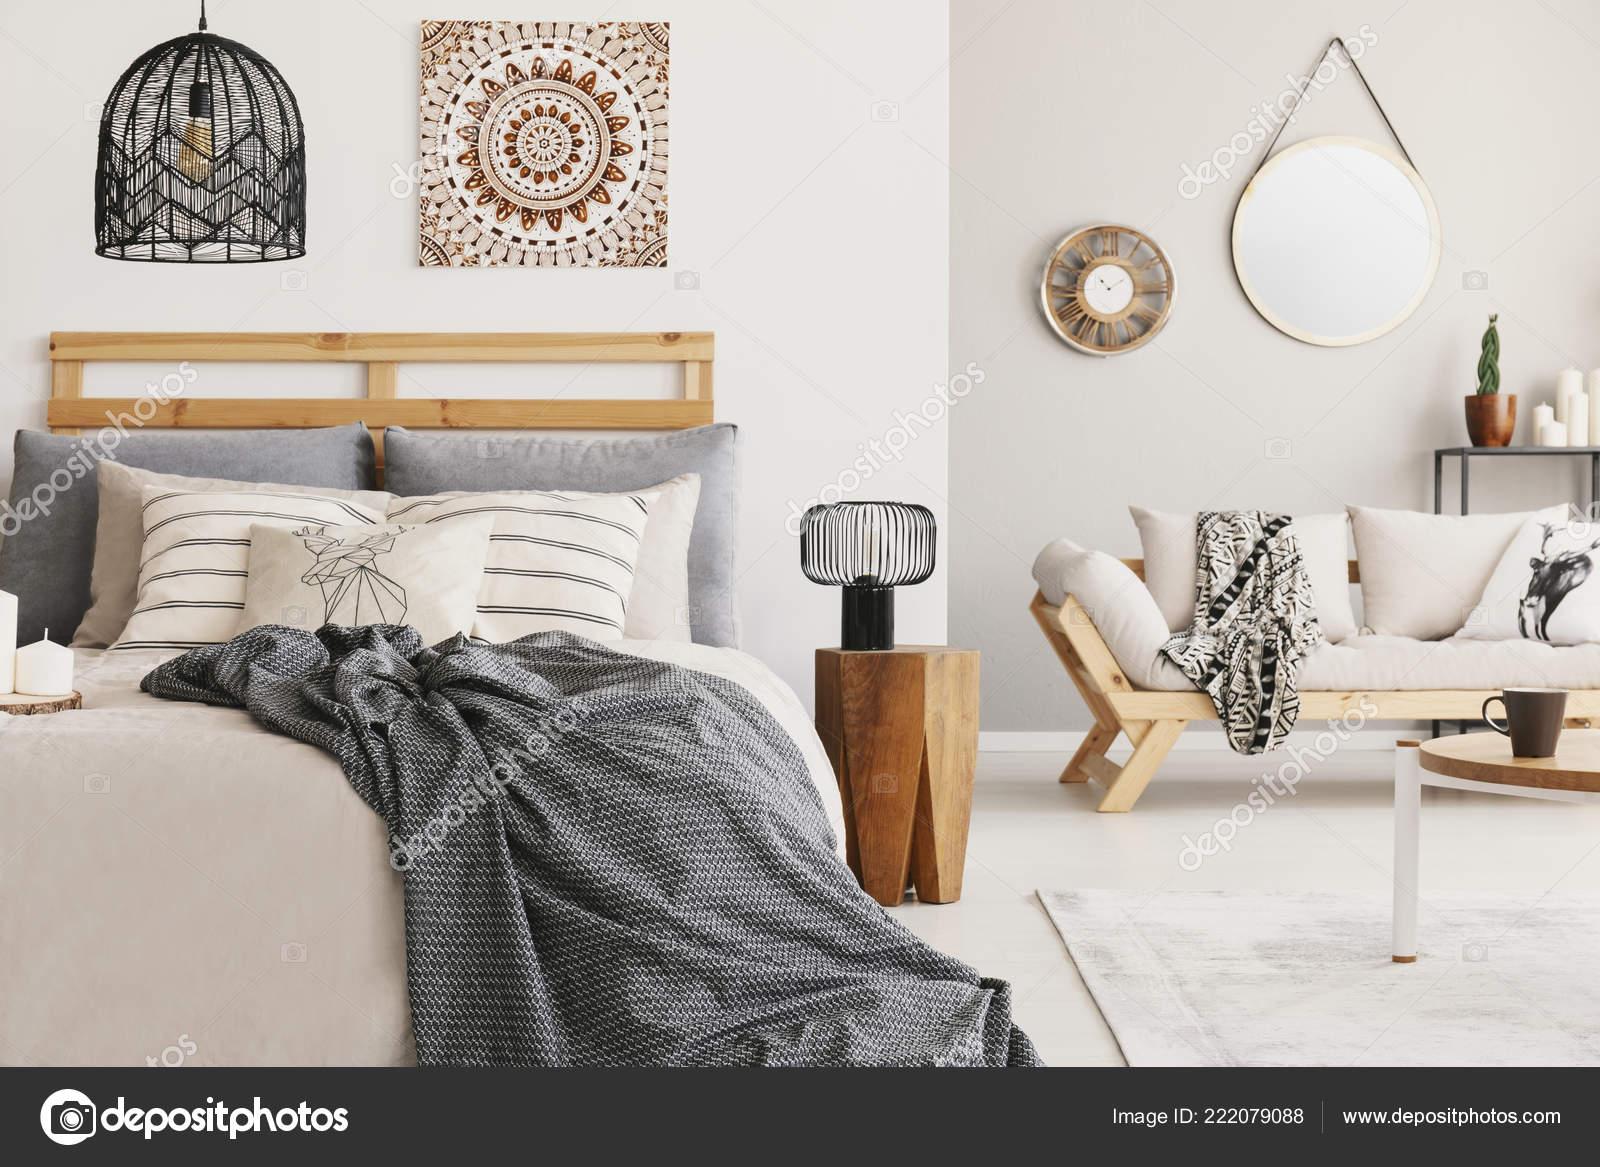 Coperta letto sotto lampada sgabello legno interni camera letto